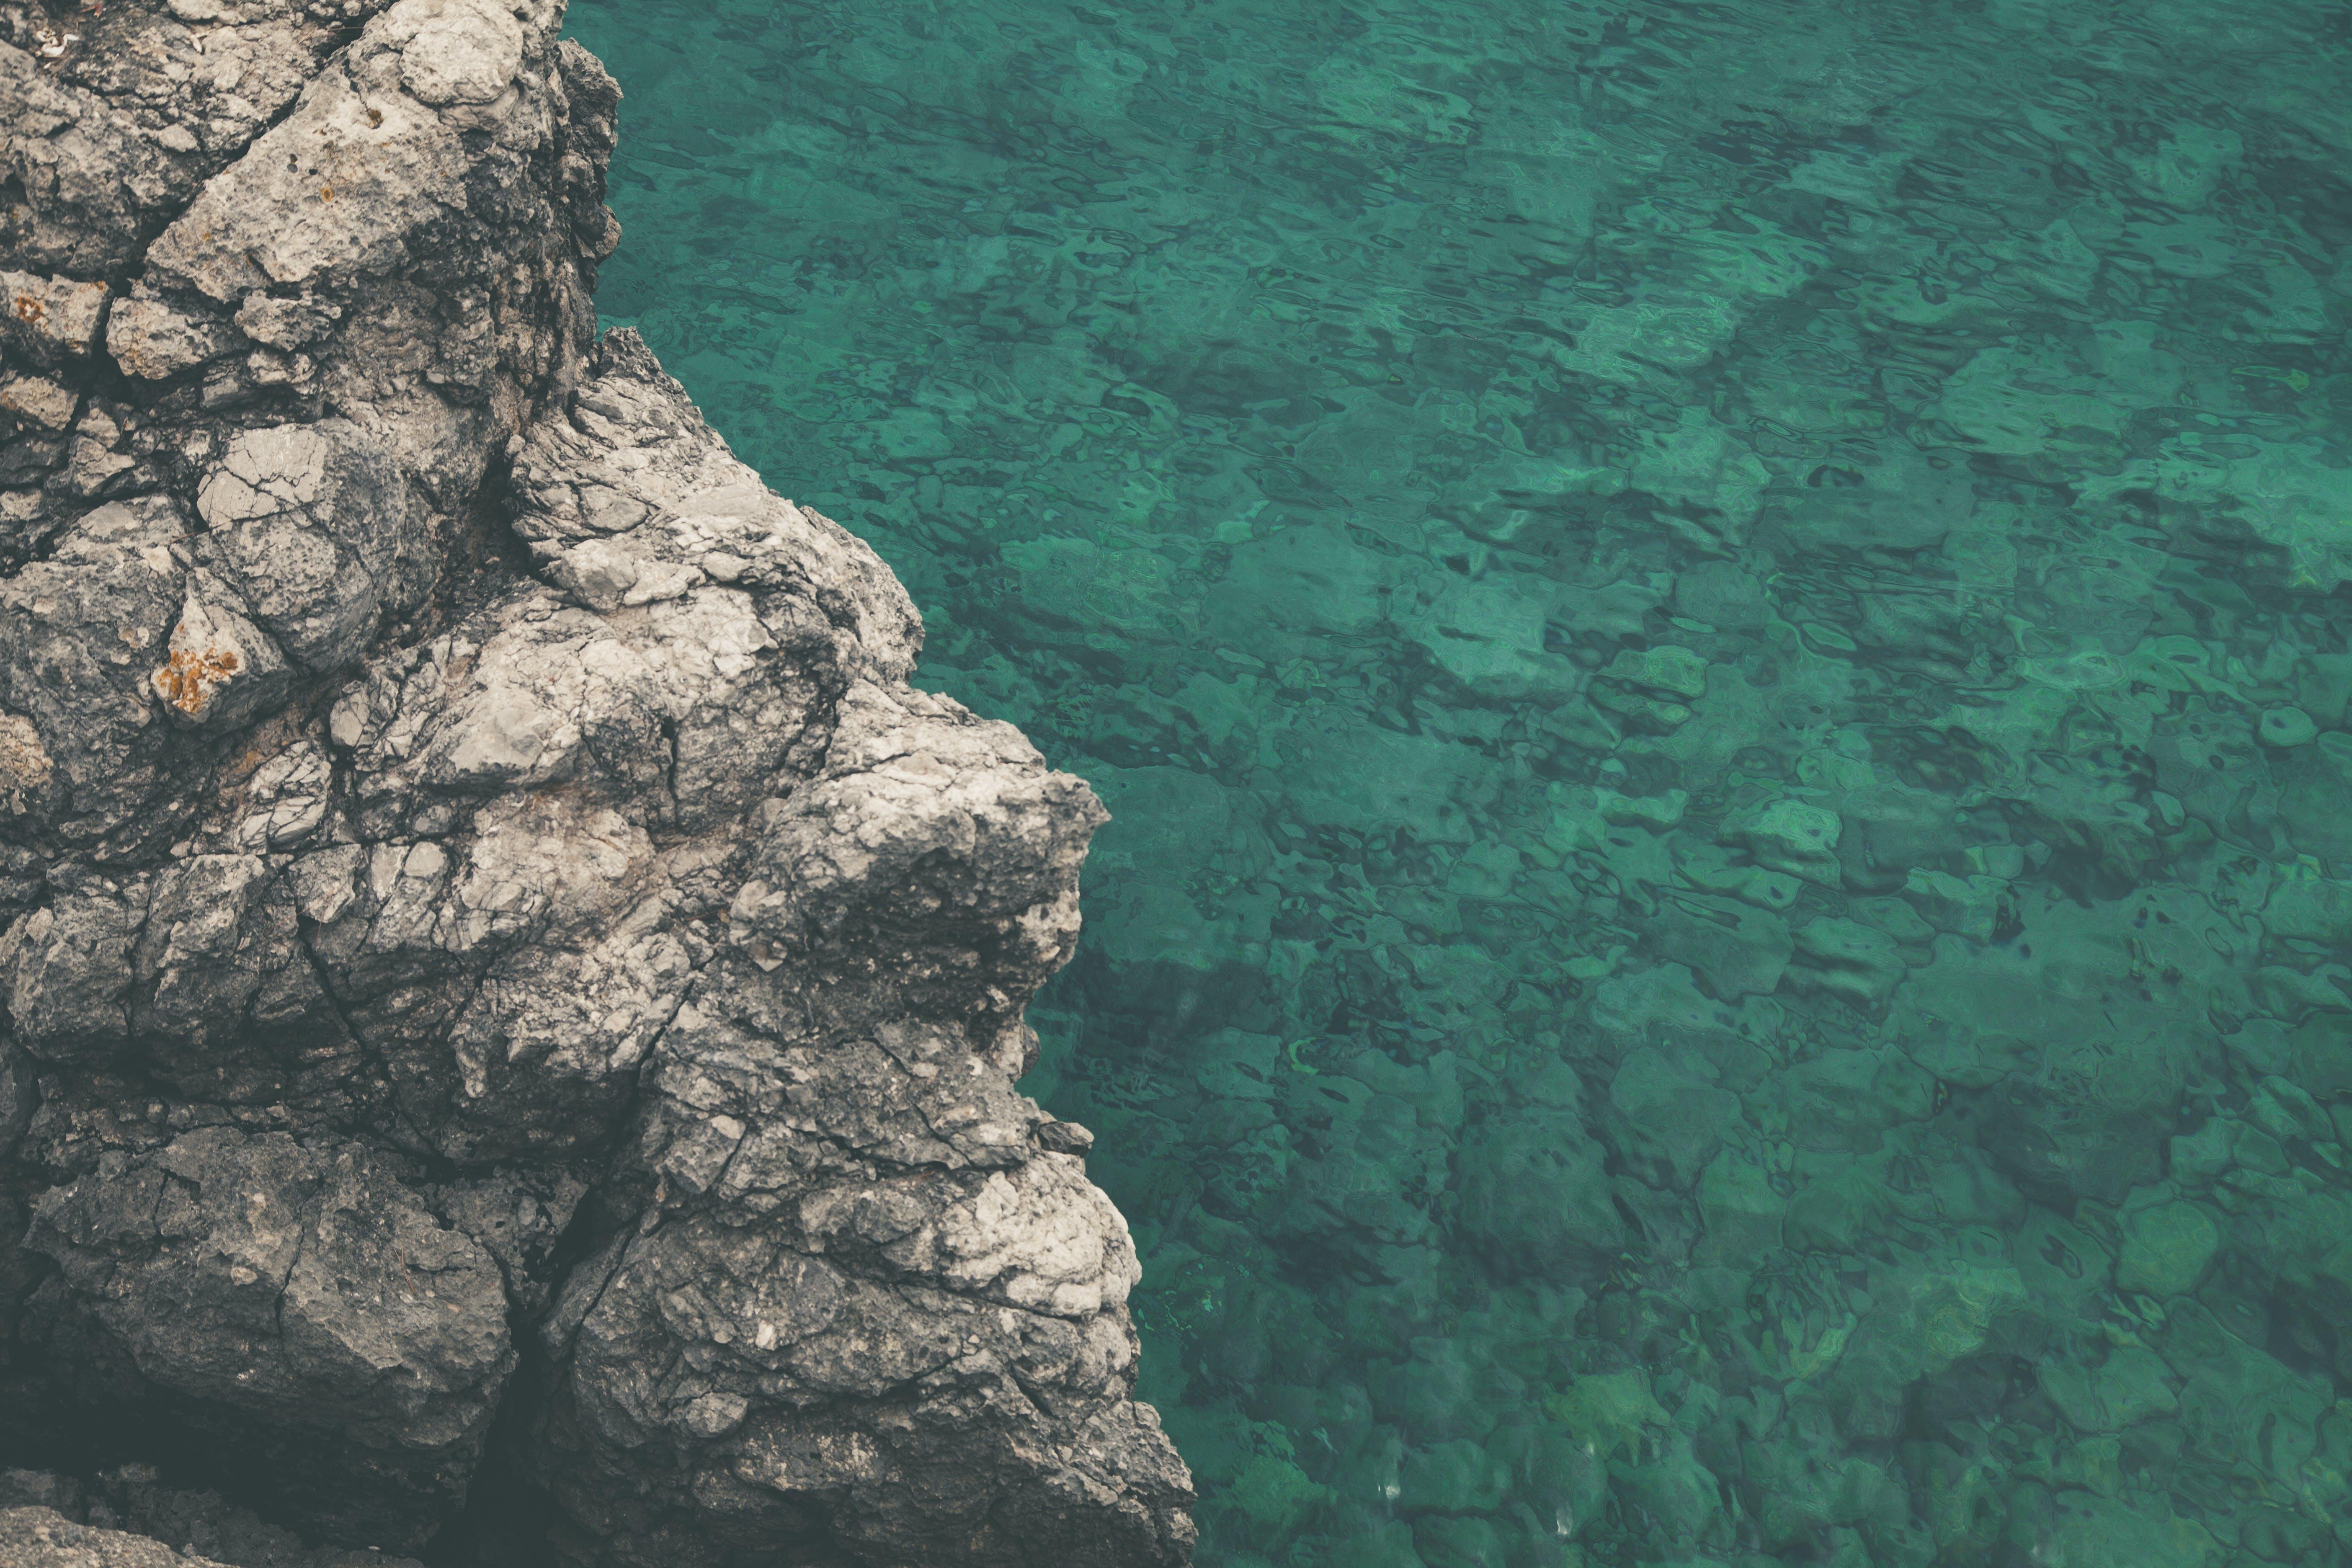 天性, 岩石, 岸邊